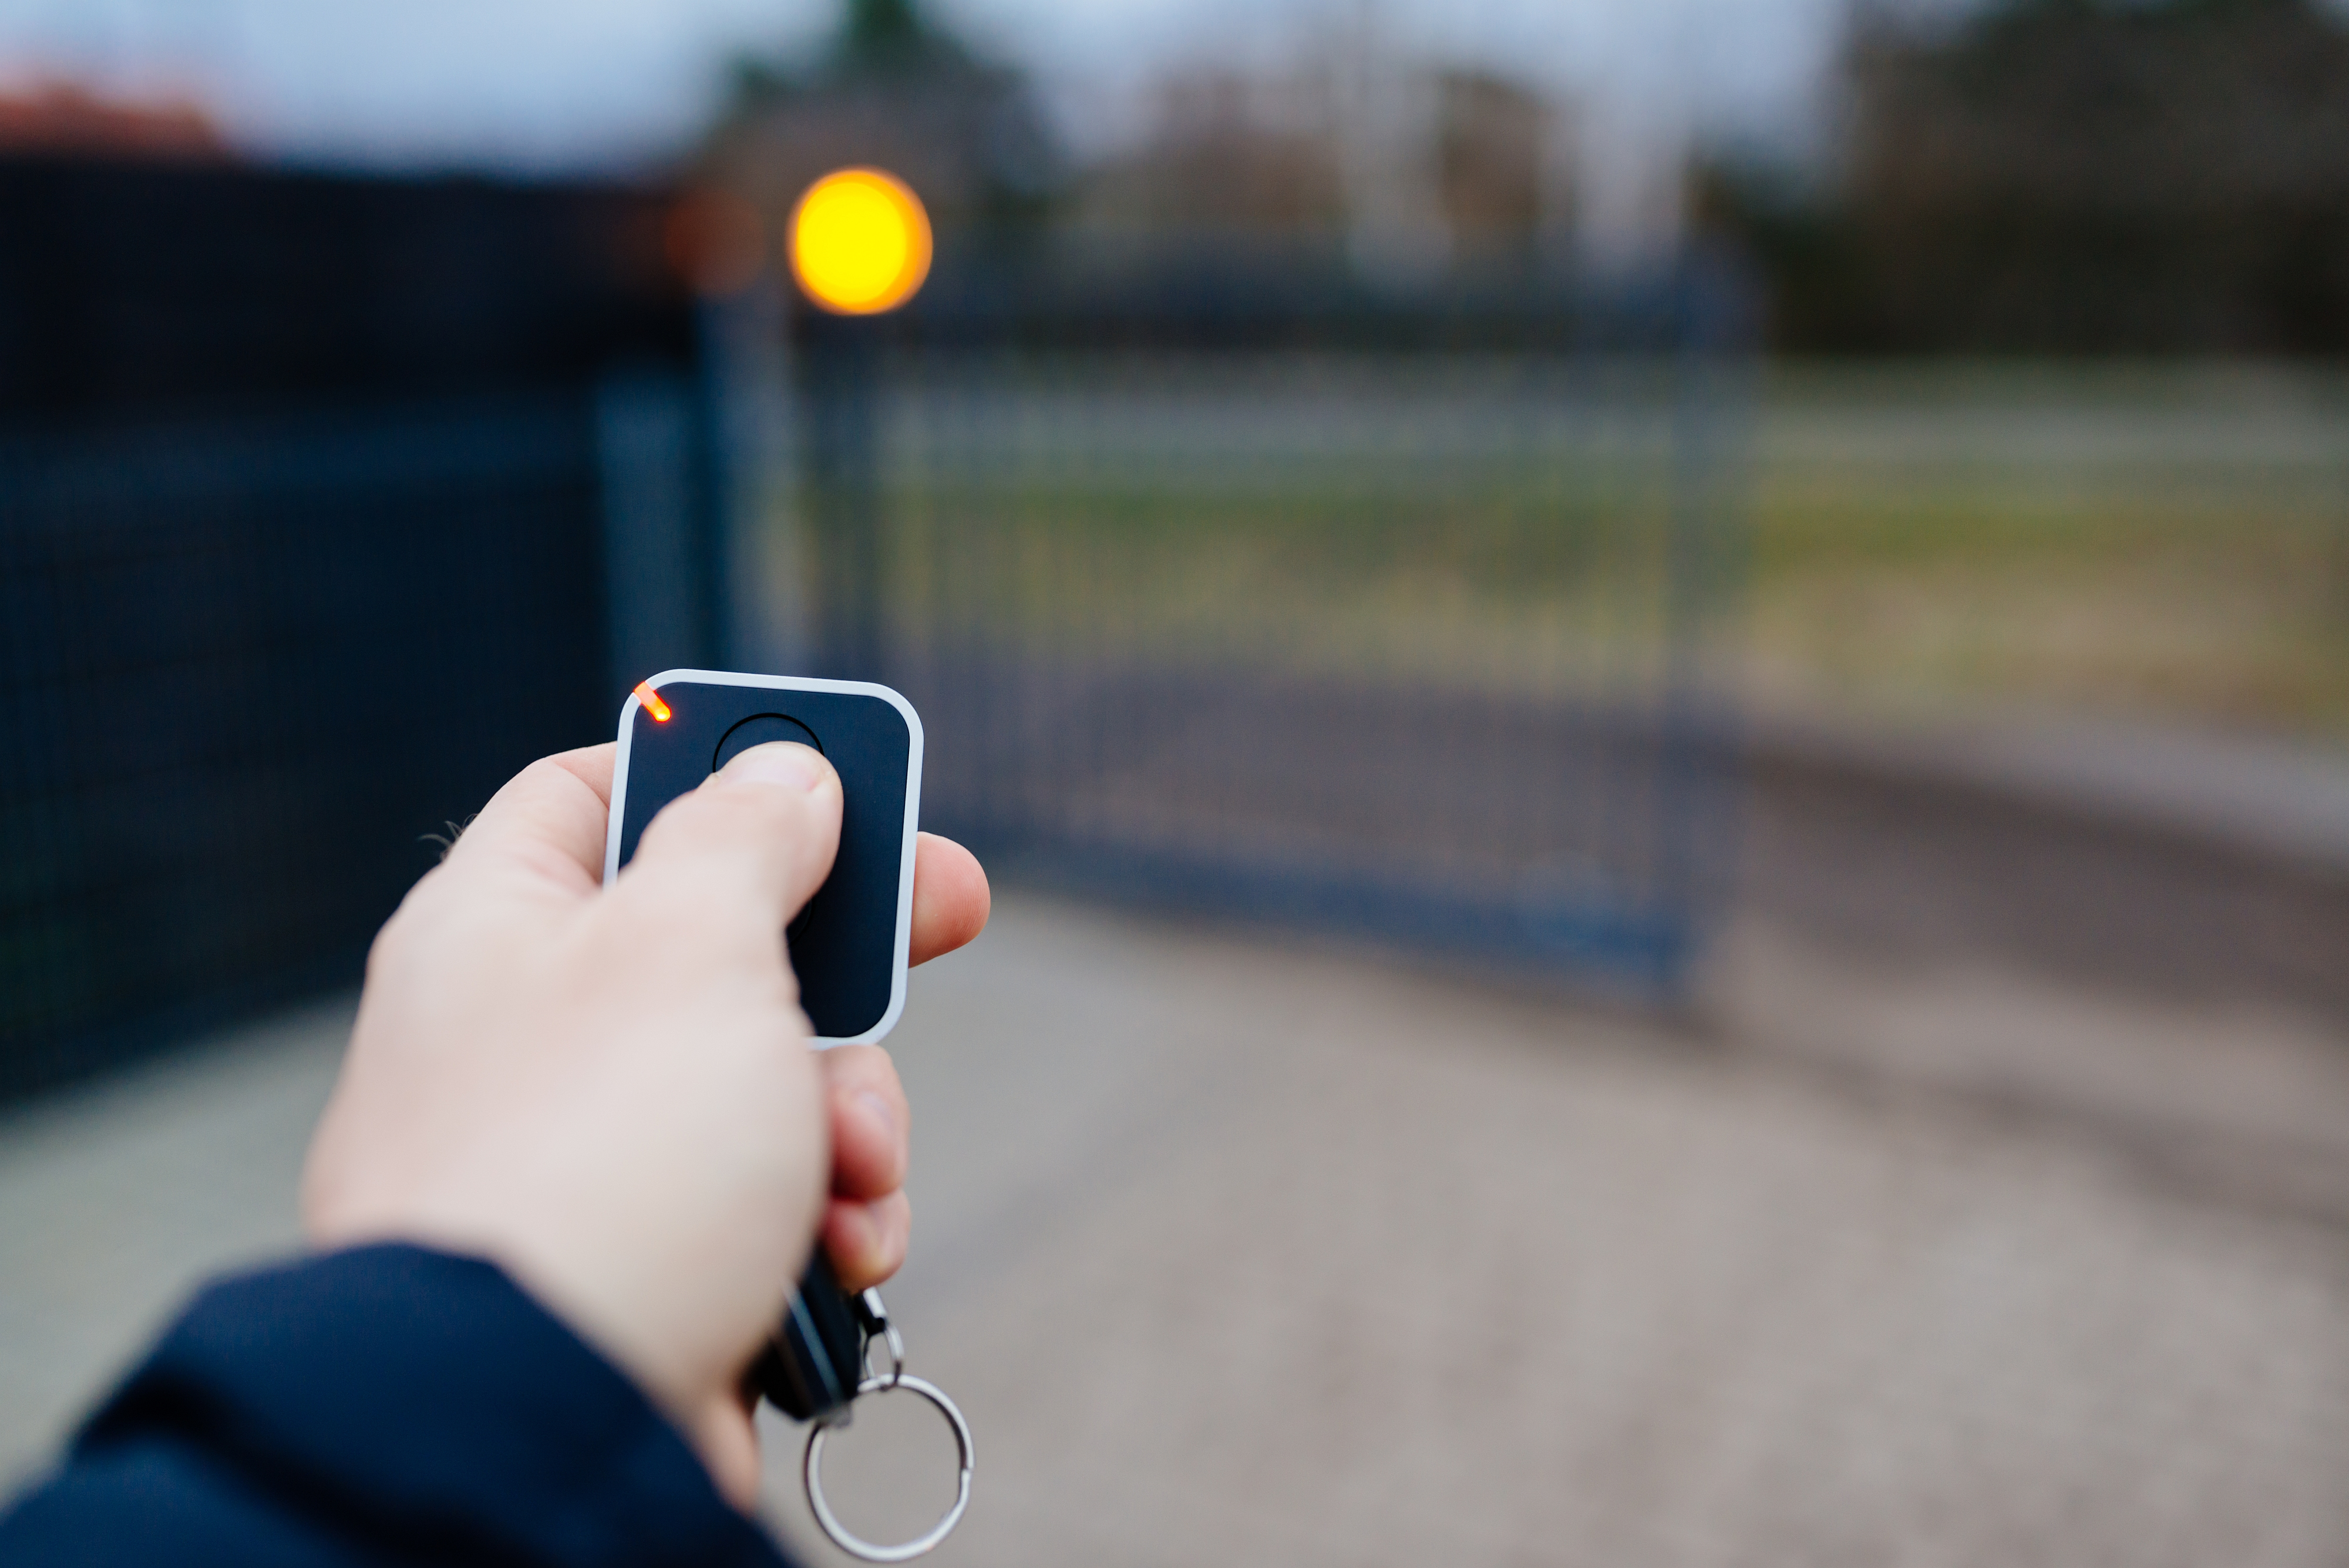 ouverture portail nice par smartphone